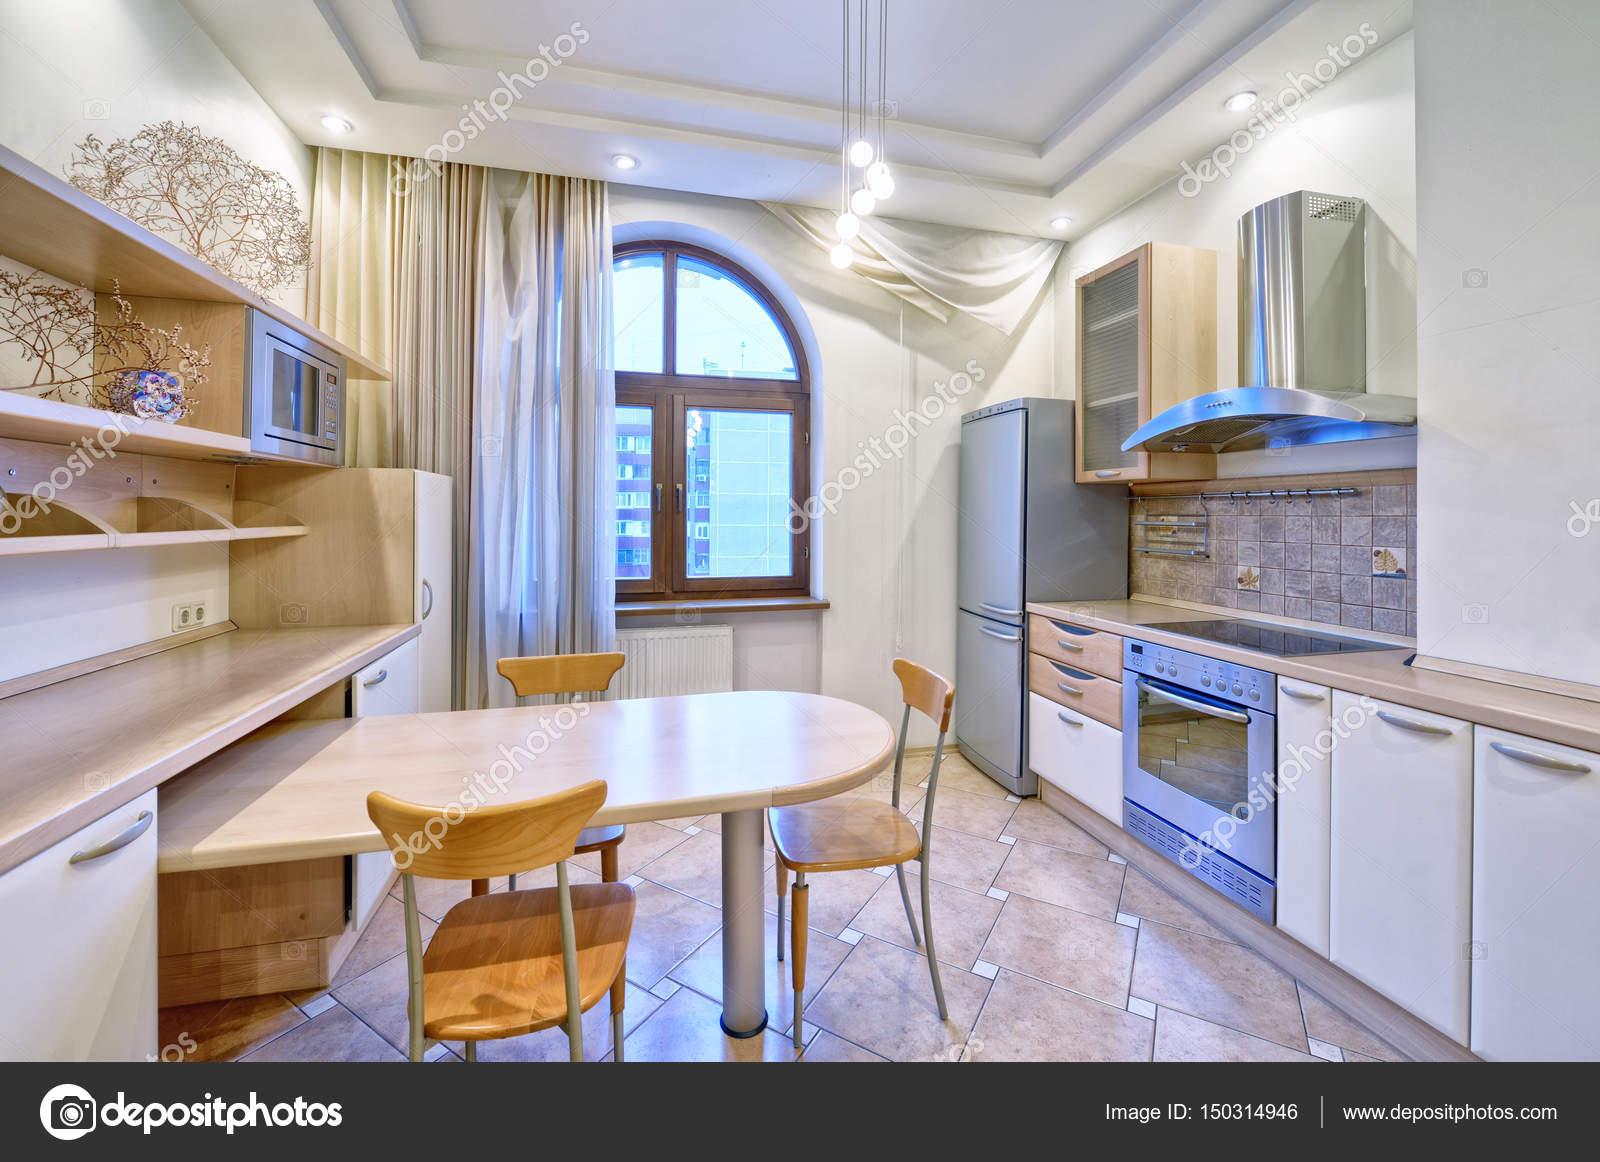 Nieuwe Design Keuken : Interieur design moderne keuken in het nieuwe huis u stockfoto